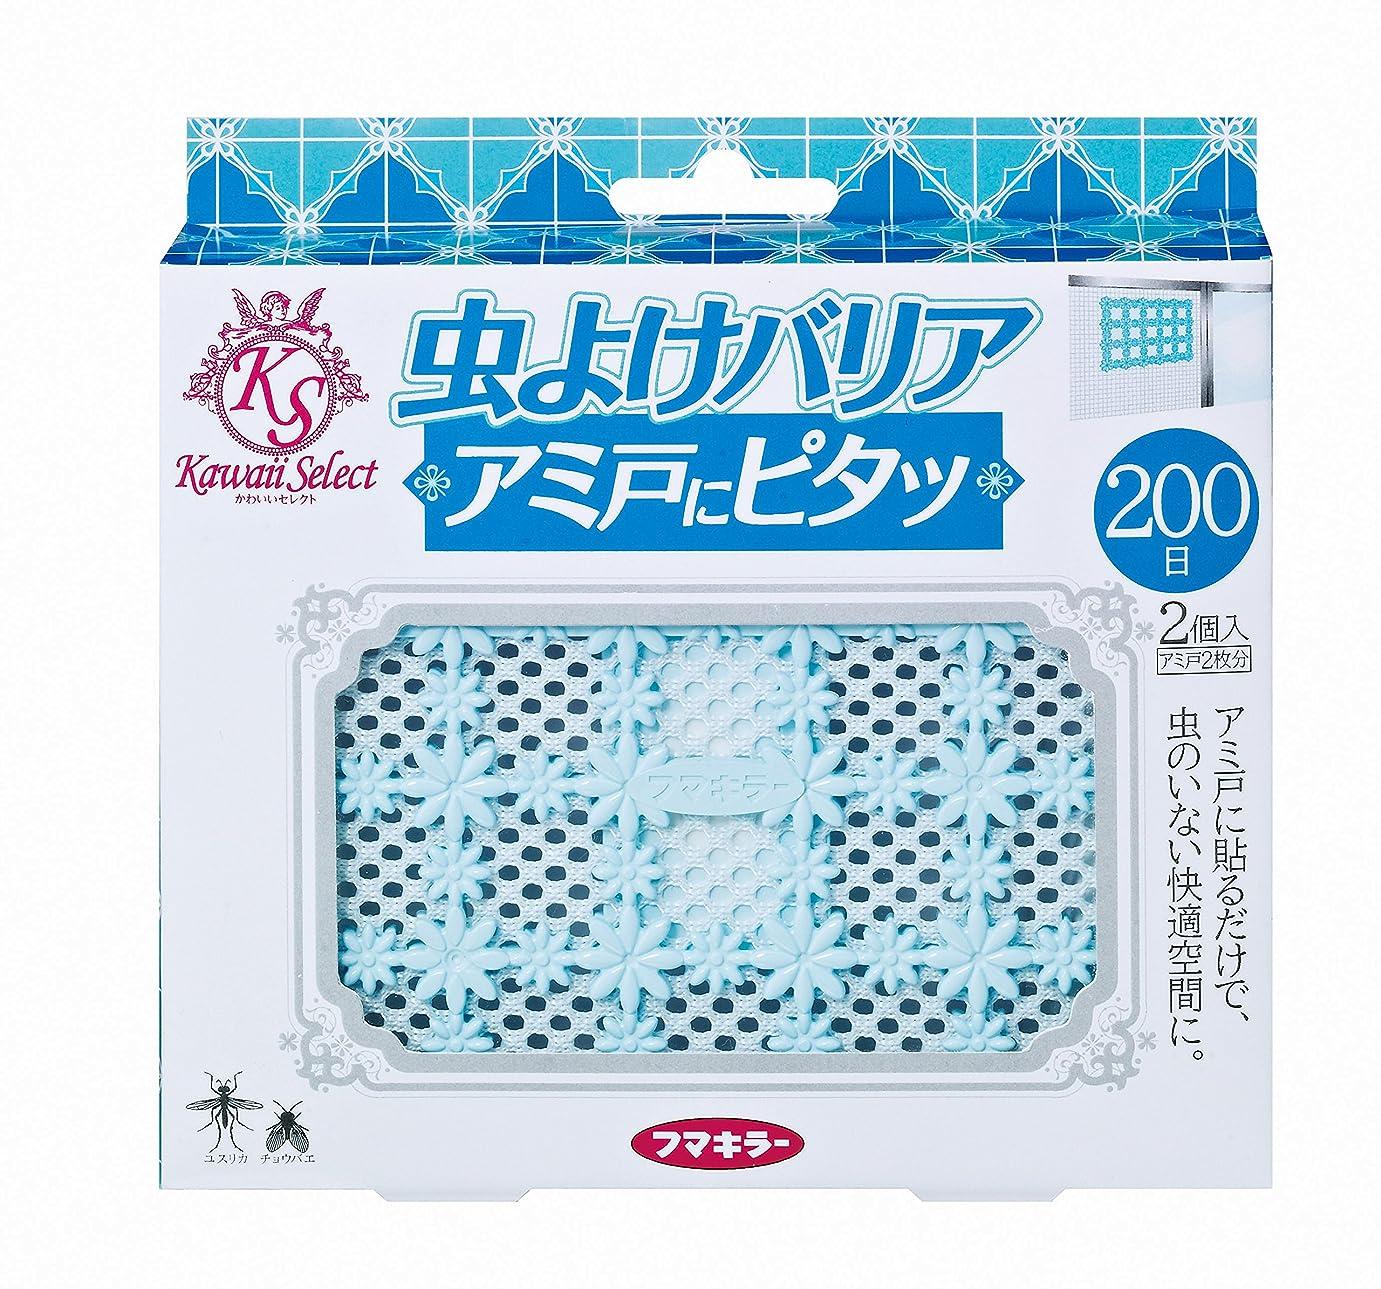 突然の間に合わせ同様の虫よけバリア 虫よけプレート Kawaii Select(かわいいセレクト)  アミ戸にピタッ! 200日用 2個